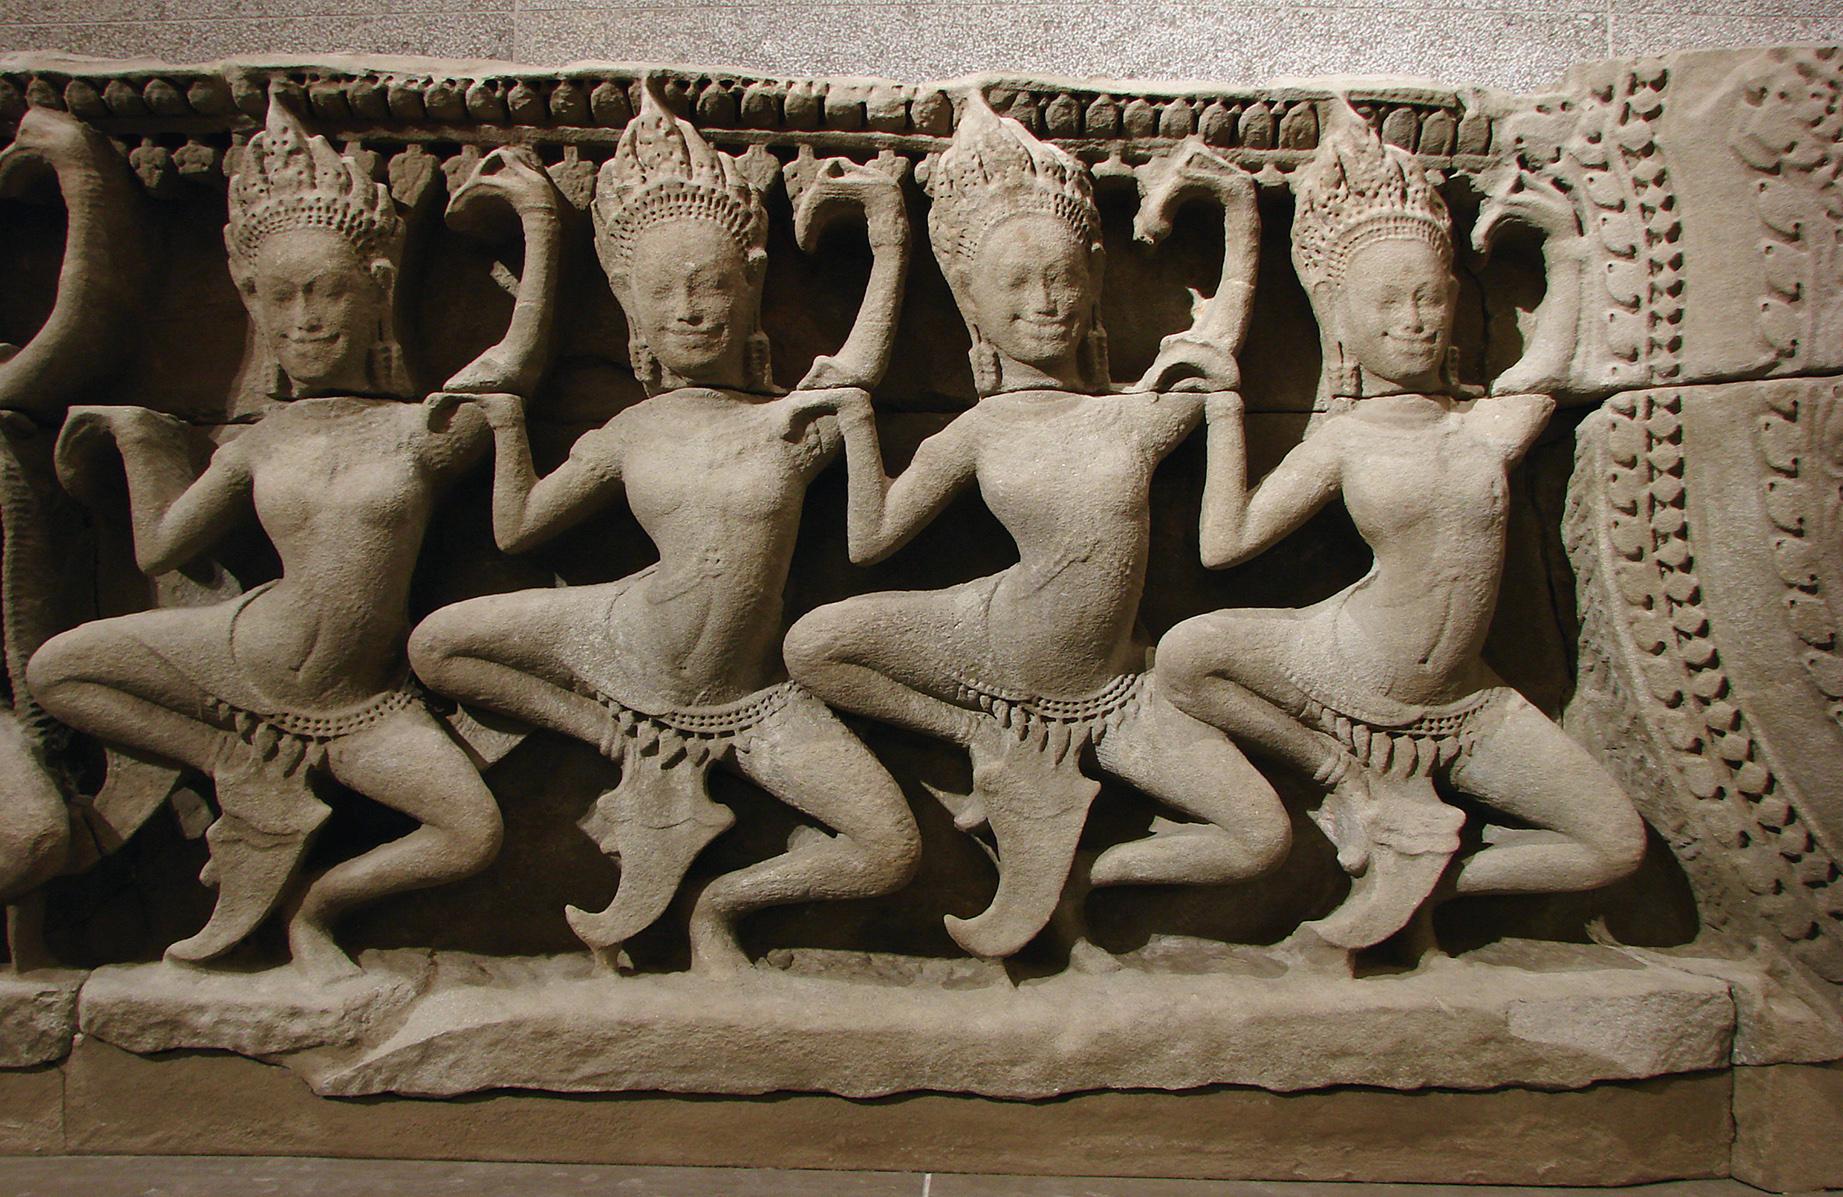 Dancing apsaras